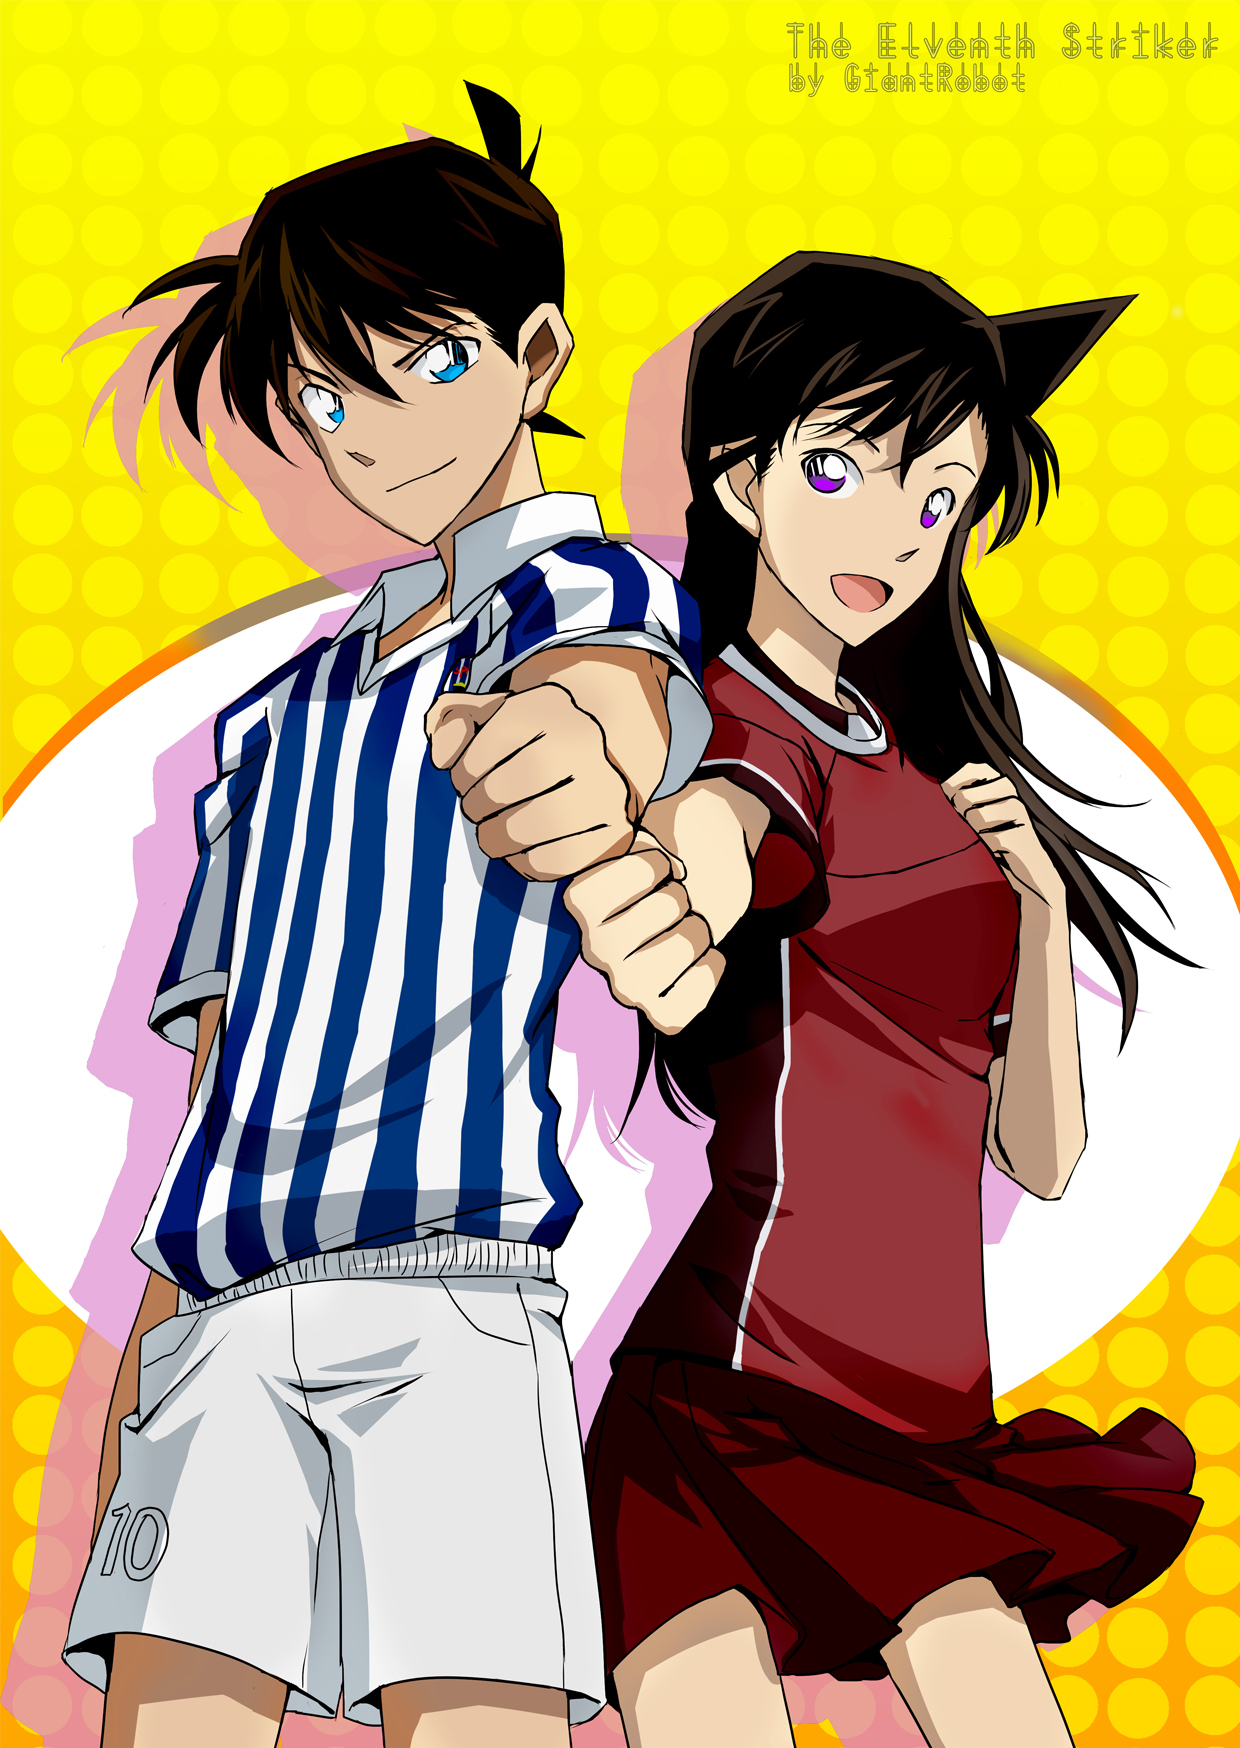 ... Ran, Kudou Shinichi, Yellow Background, Pixiv Id 1223059, Red Skirt